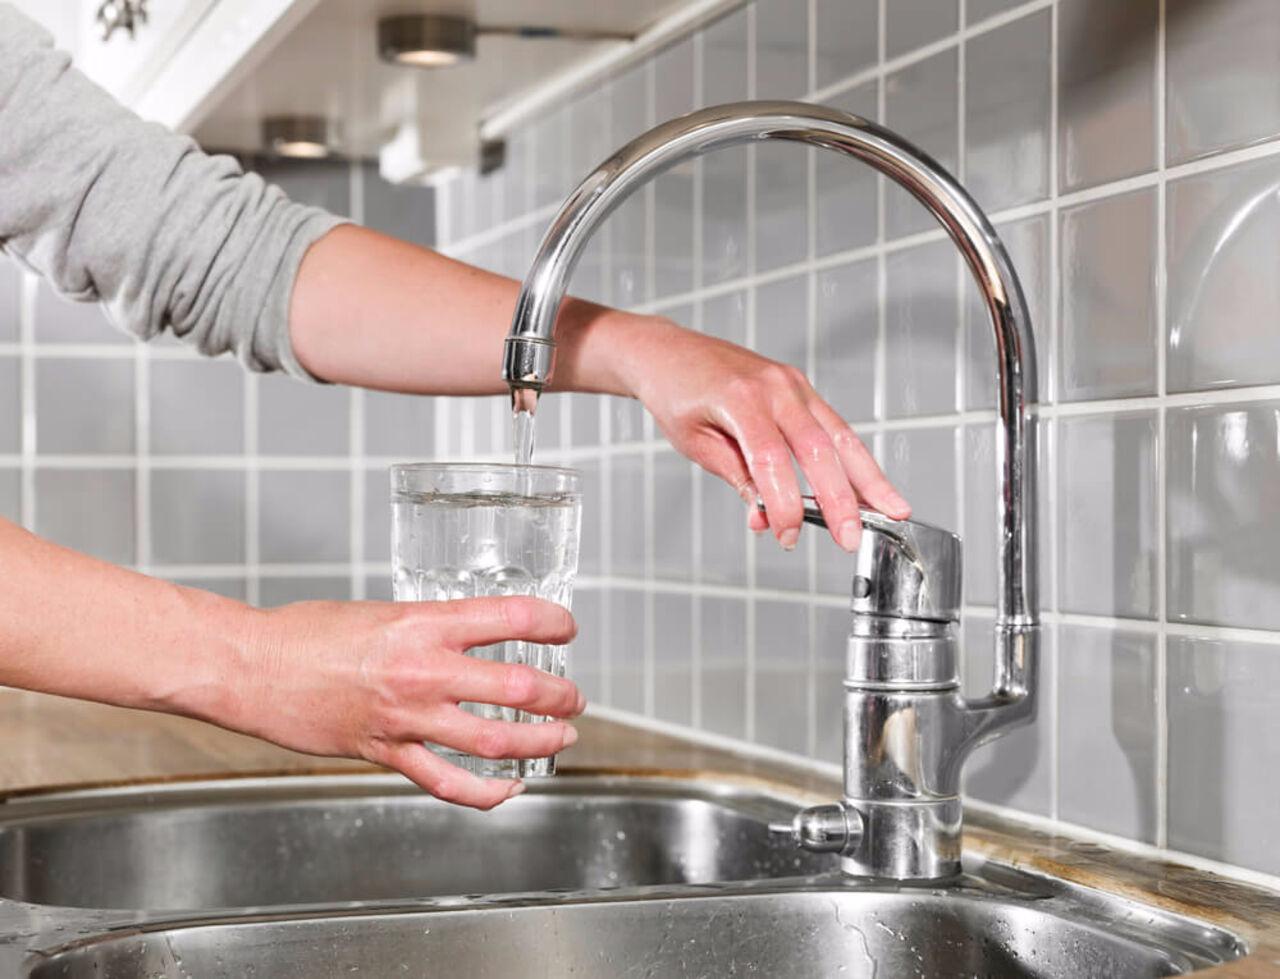 Употребление водопроводной воды уменьшает риск возникновения кариеса. Об этом сообщили медики Университета Северной Каролины в США